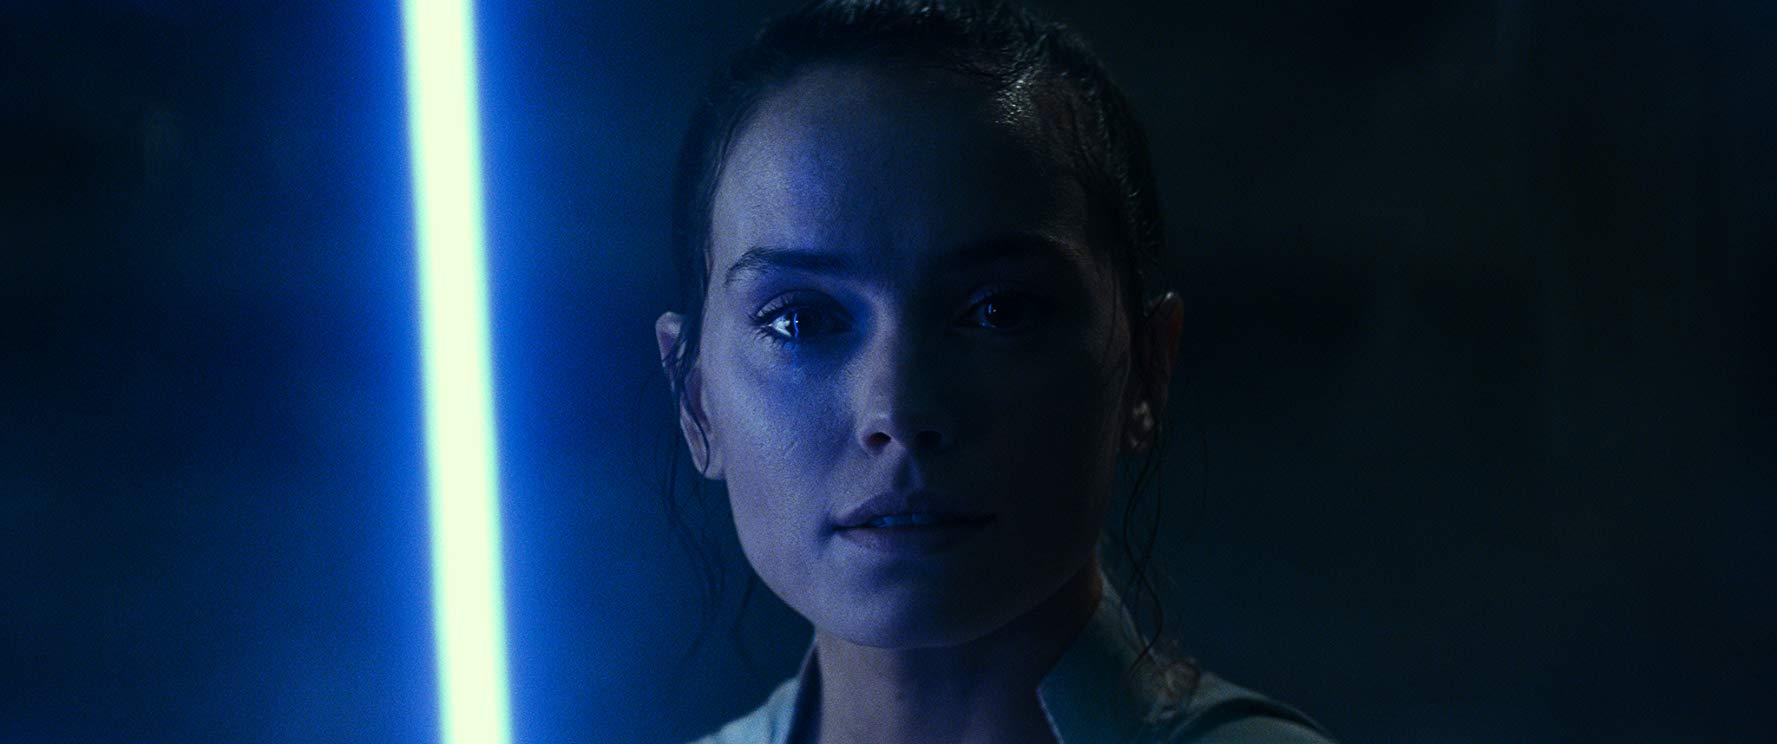 Star Wars: novo filme tem previsão de abertura de US$ 200 milhões